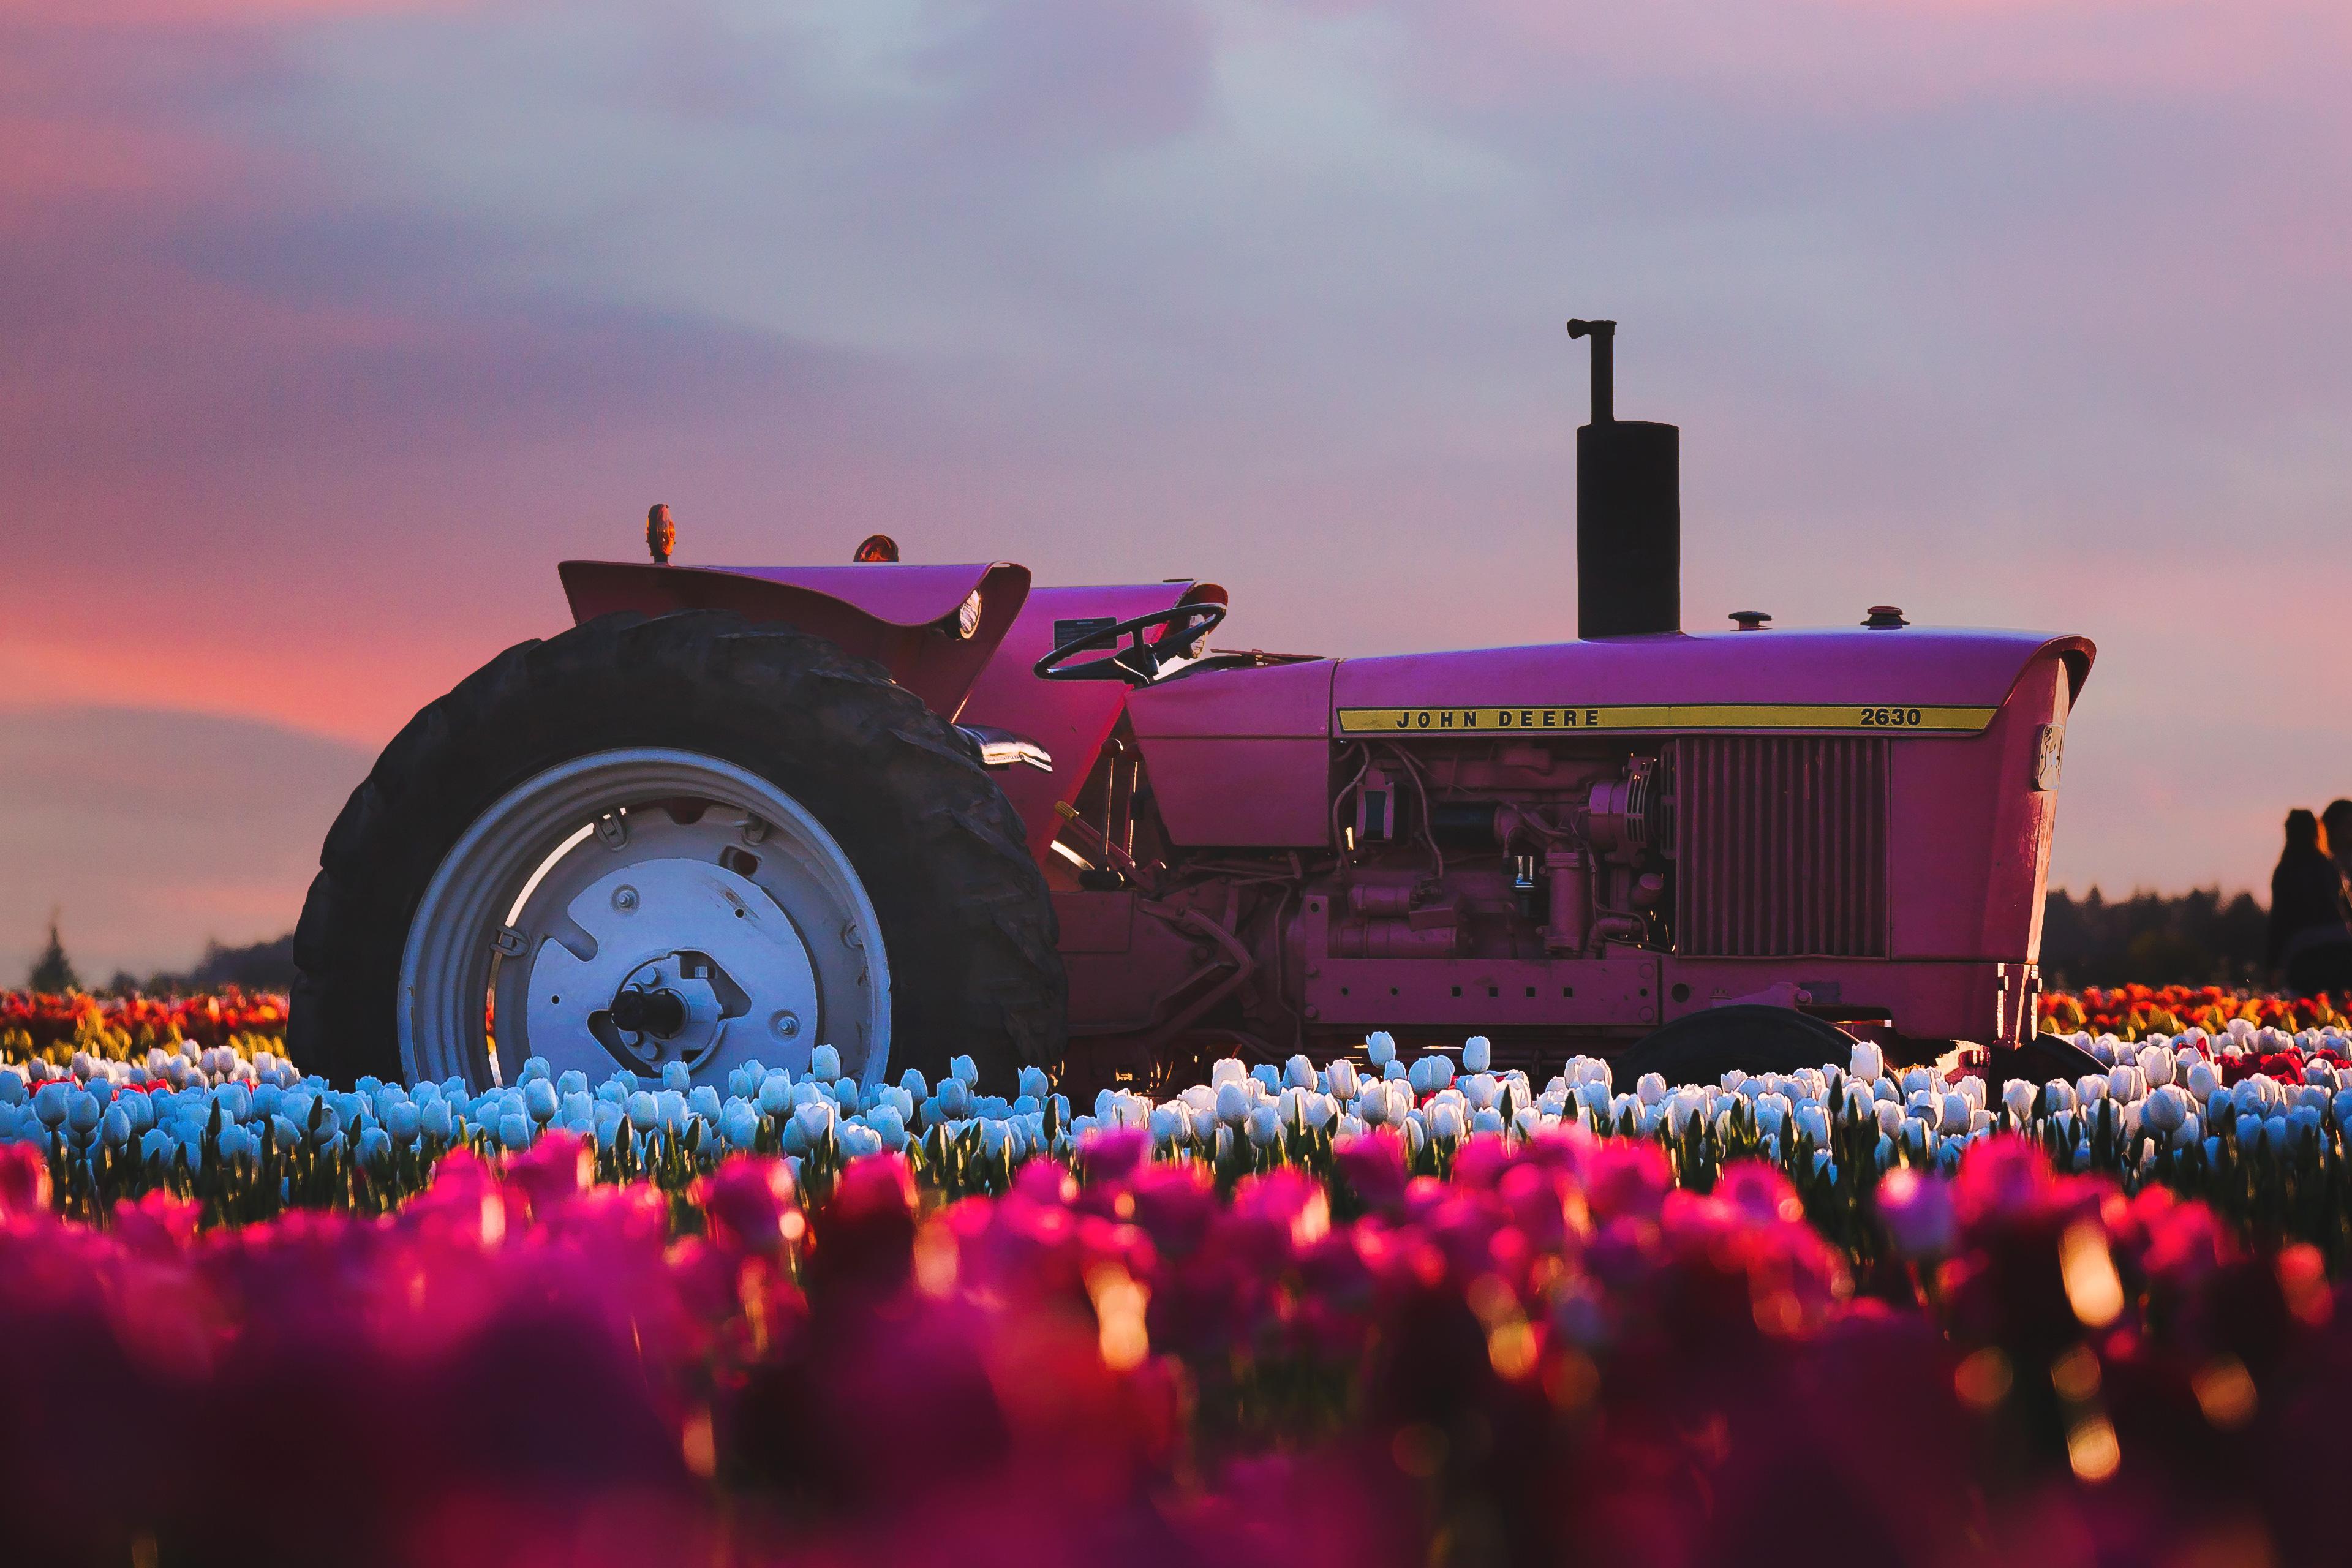 Hd Tractor Desktop Wallpapers: John Deere Tractor In Flower Farm 4k, HD Photography, 4k